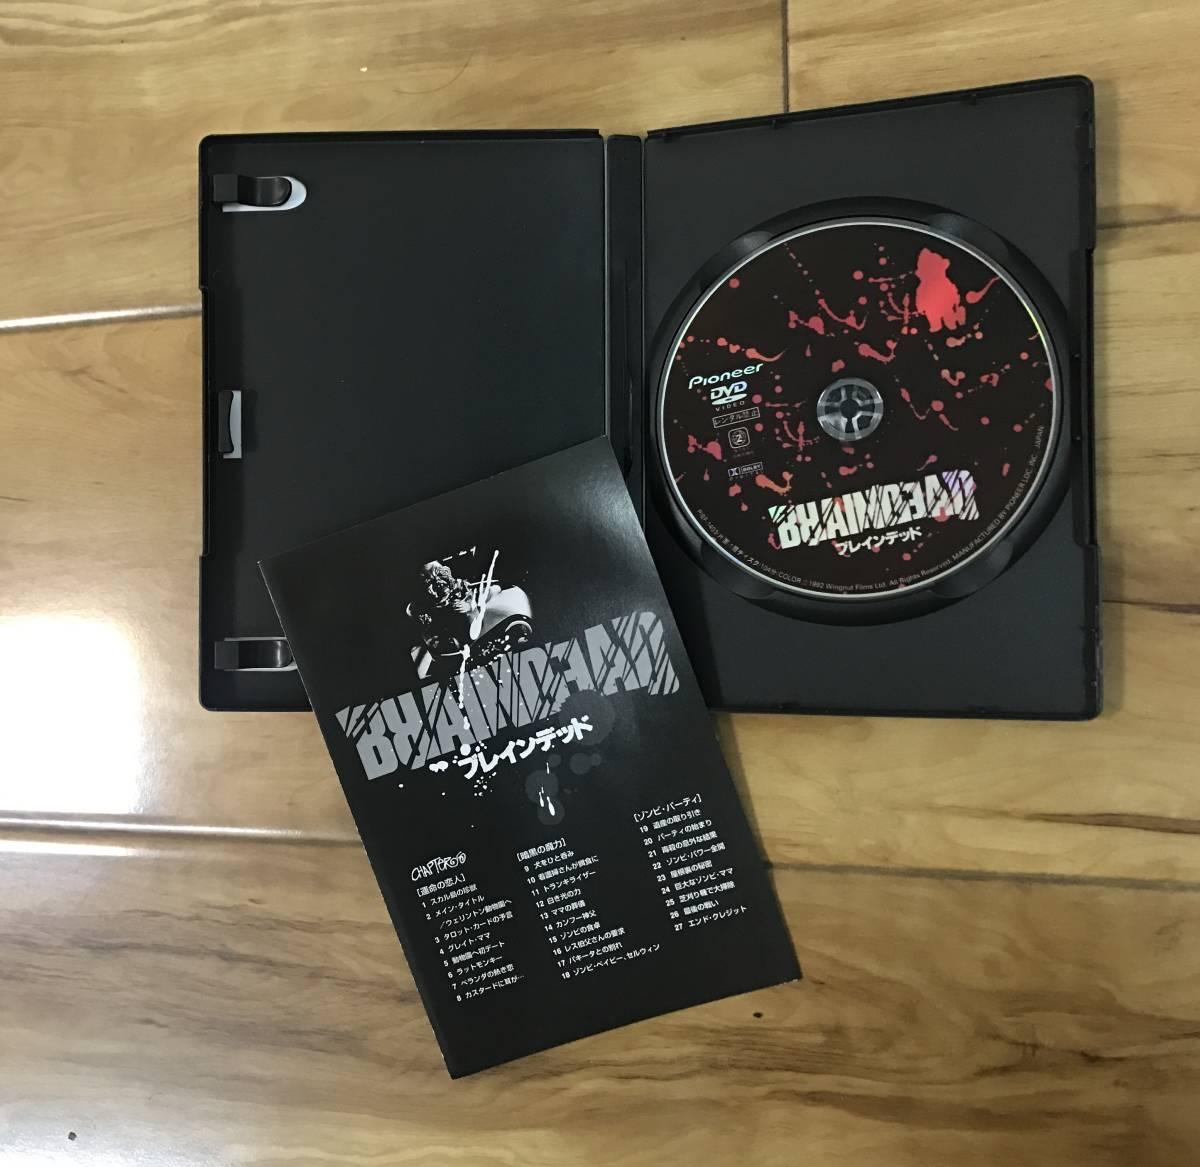 ブレインデッド [DVD] 監督・脚本: ピーター・ジャクソン_画像2